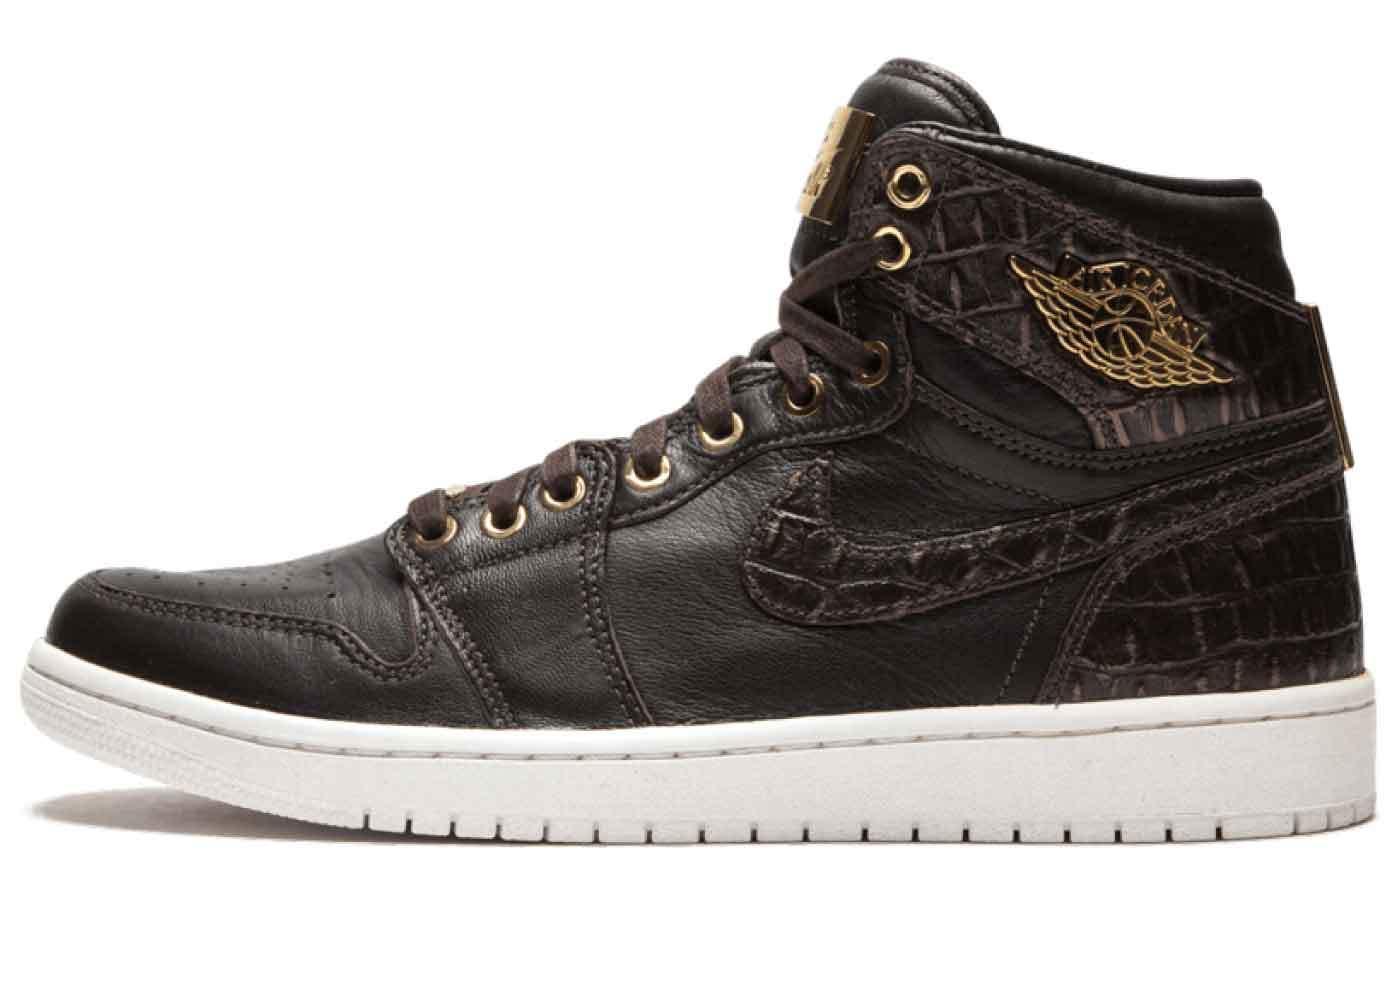 Nike Air Jordan 1 Retro Pinnacle Baroque Brownの写真